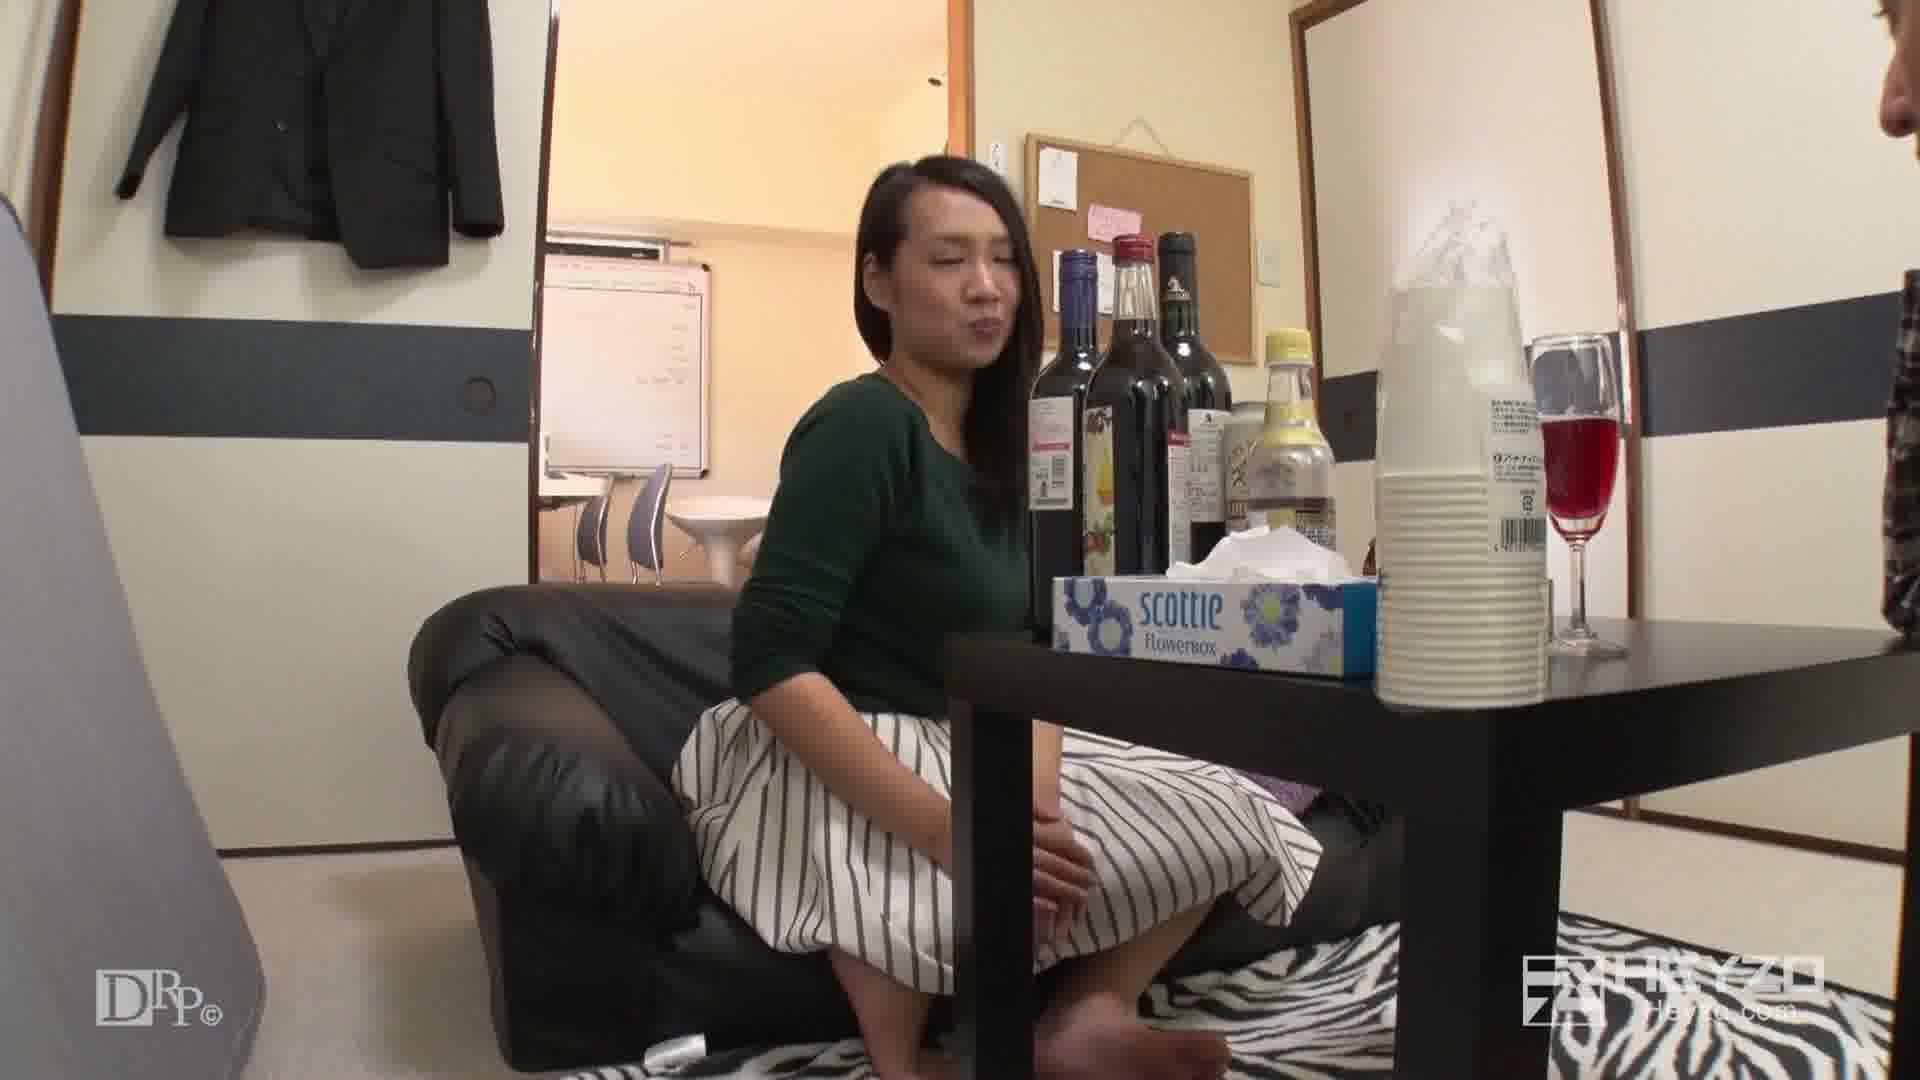 飲んだノリでAV出演決定!? - 結城あや【ナンパ 宅飲み】